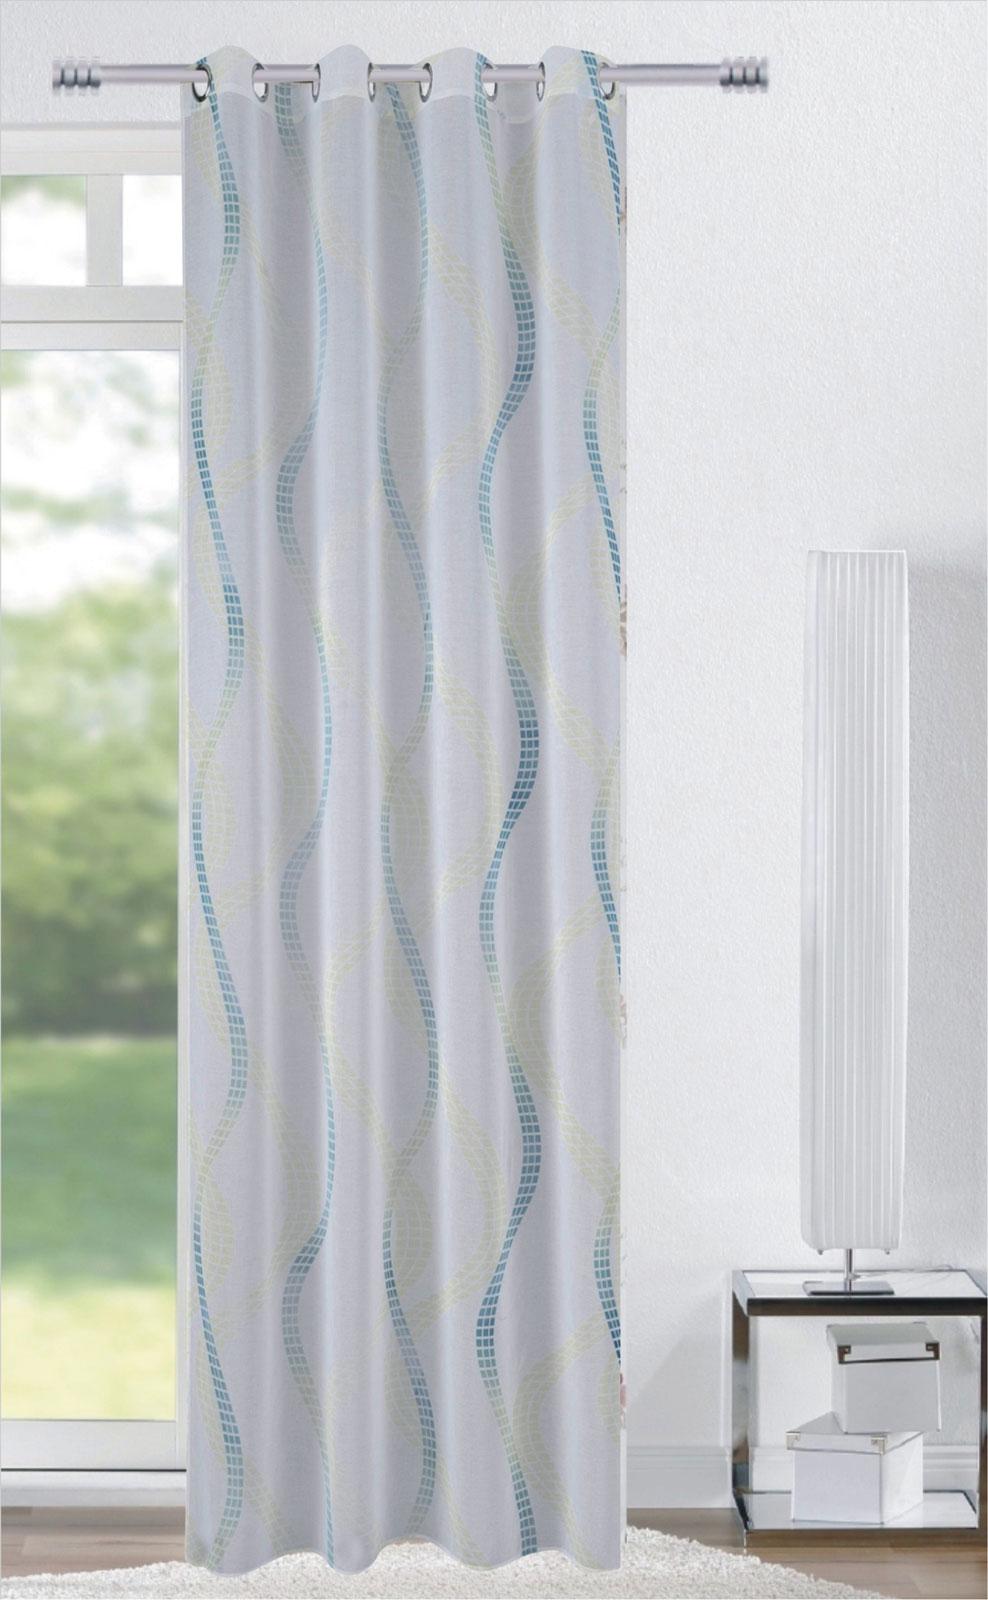 Gardinen und Vorhänge - Ösenschal Vorhang Gardine 140x245 mit Metallösen Welle türkis 400257  - Onlineshop PremiumShop321